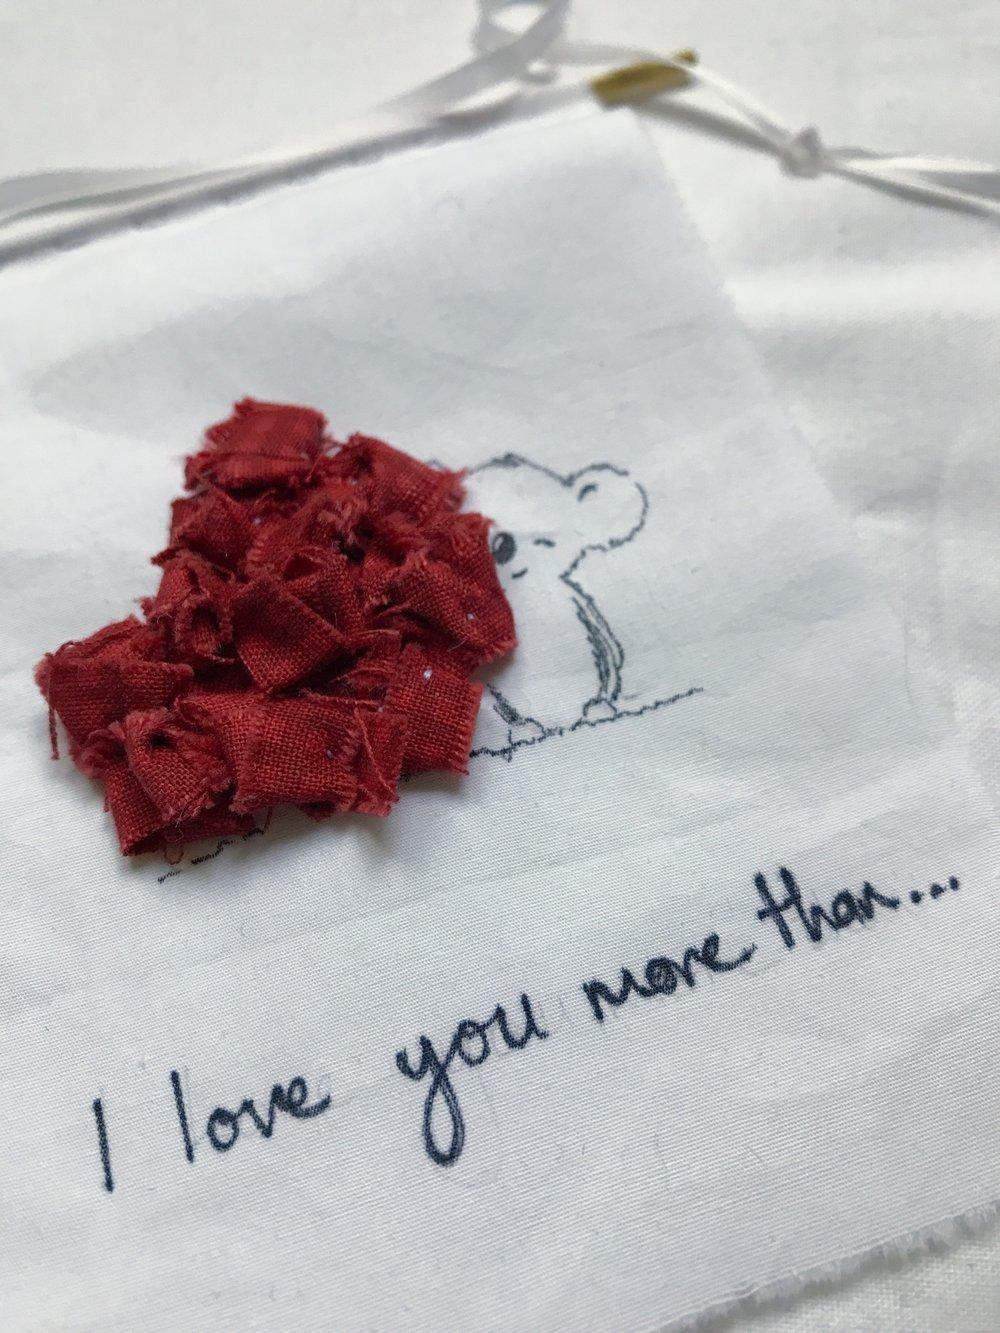 mai love notes by csevenm4.jpg